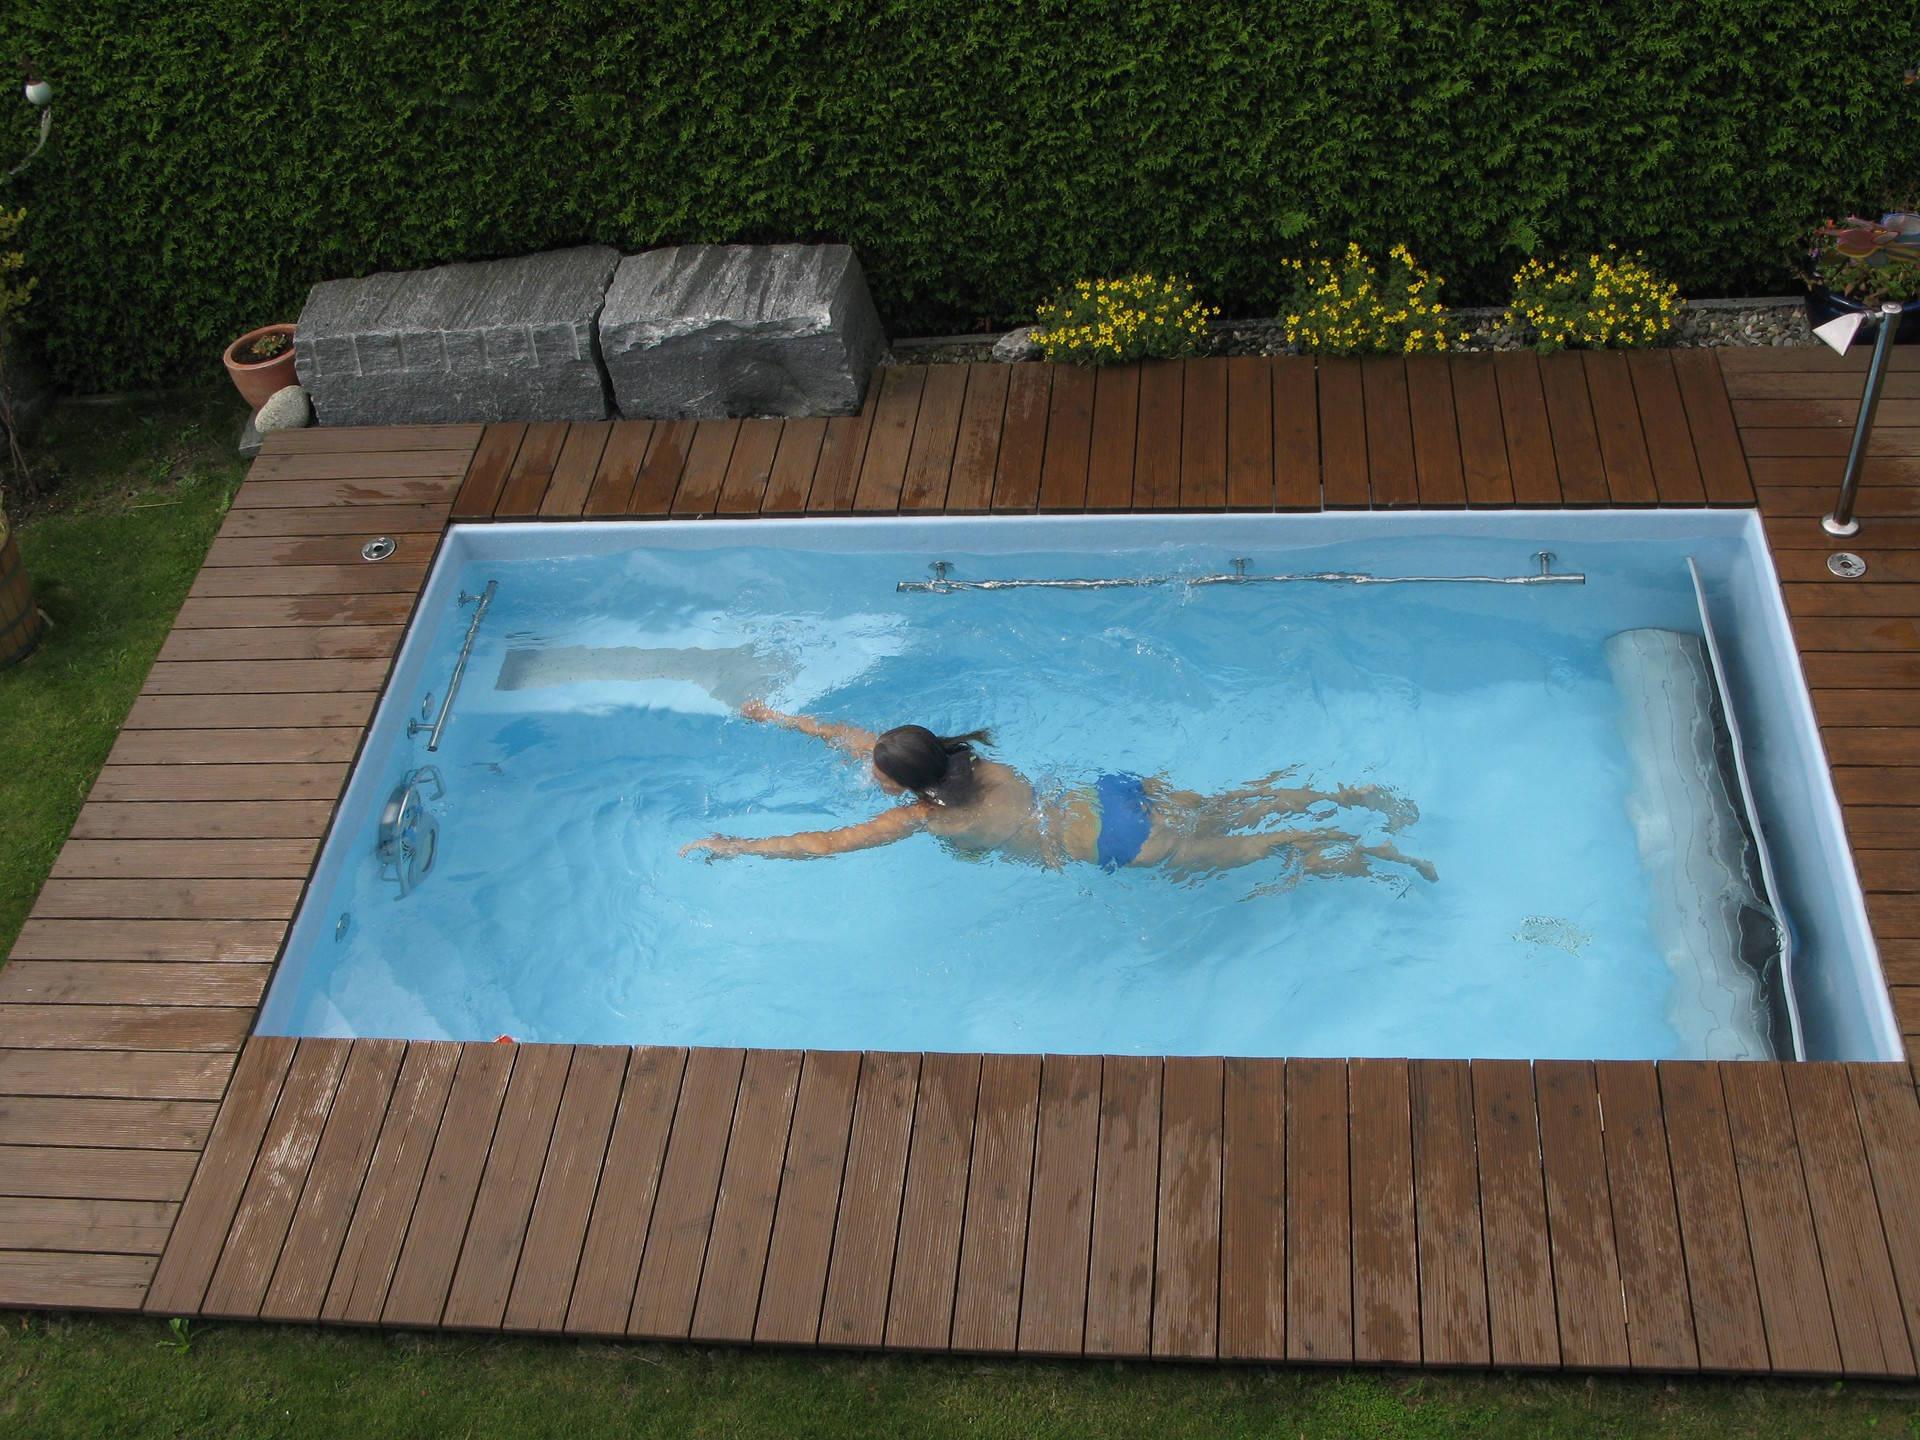 Full Size of Mini Pool Kaufen Online Gfk Garten Sofa Günstig Küche Bad Guenstig Bett Minimalistisch Regal Gebrauchte Tipps Betten 140x200 Big Fenster Schüco Verkaufen Wohnzimmer Mini Pool Kaufen